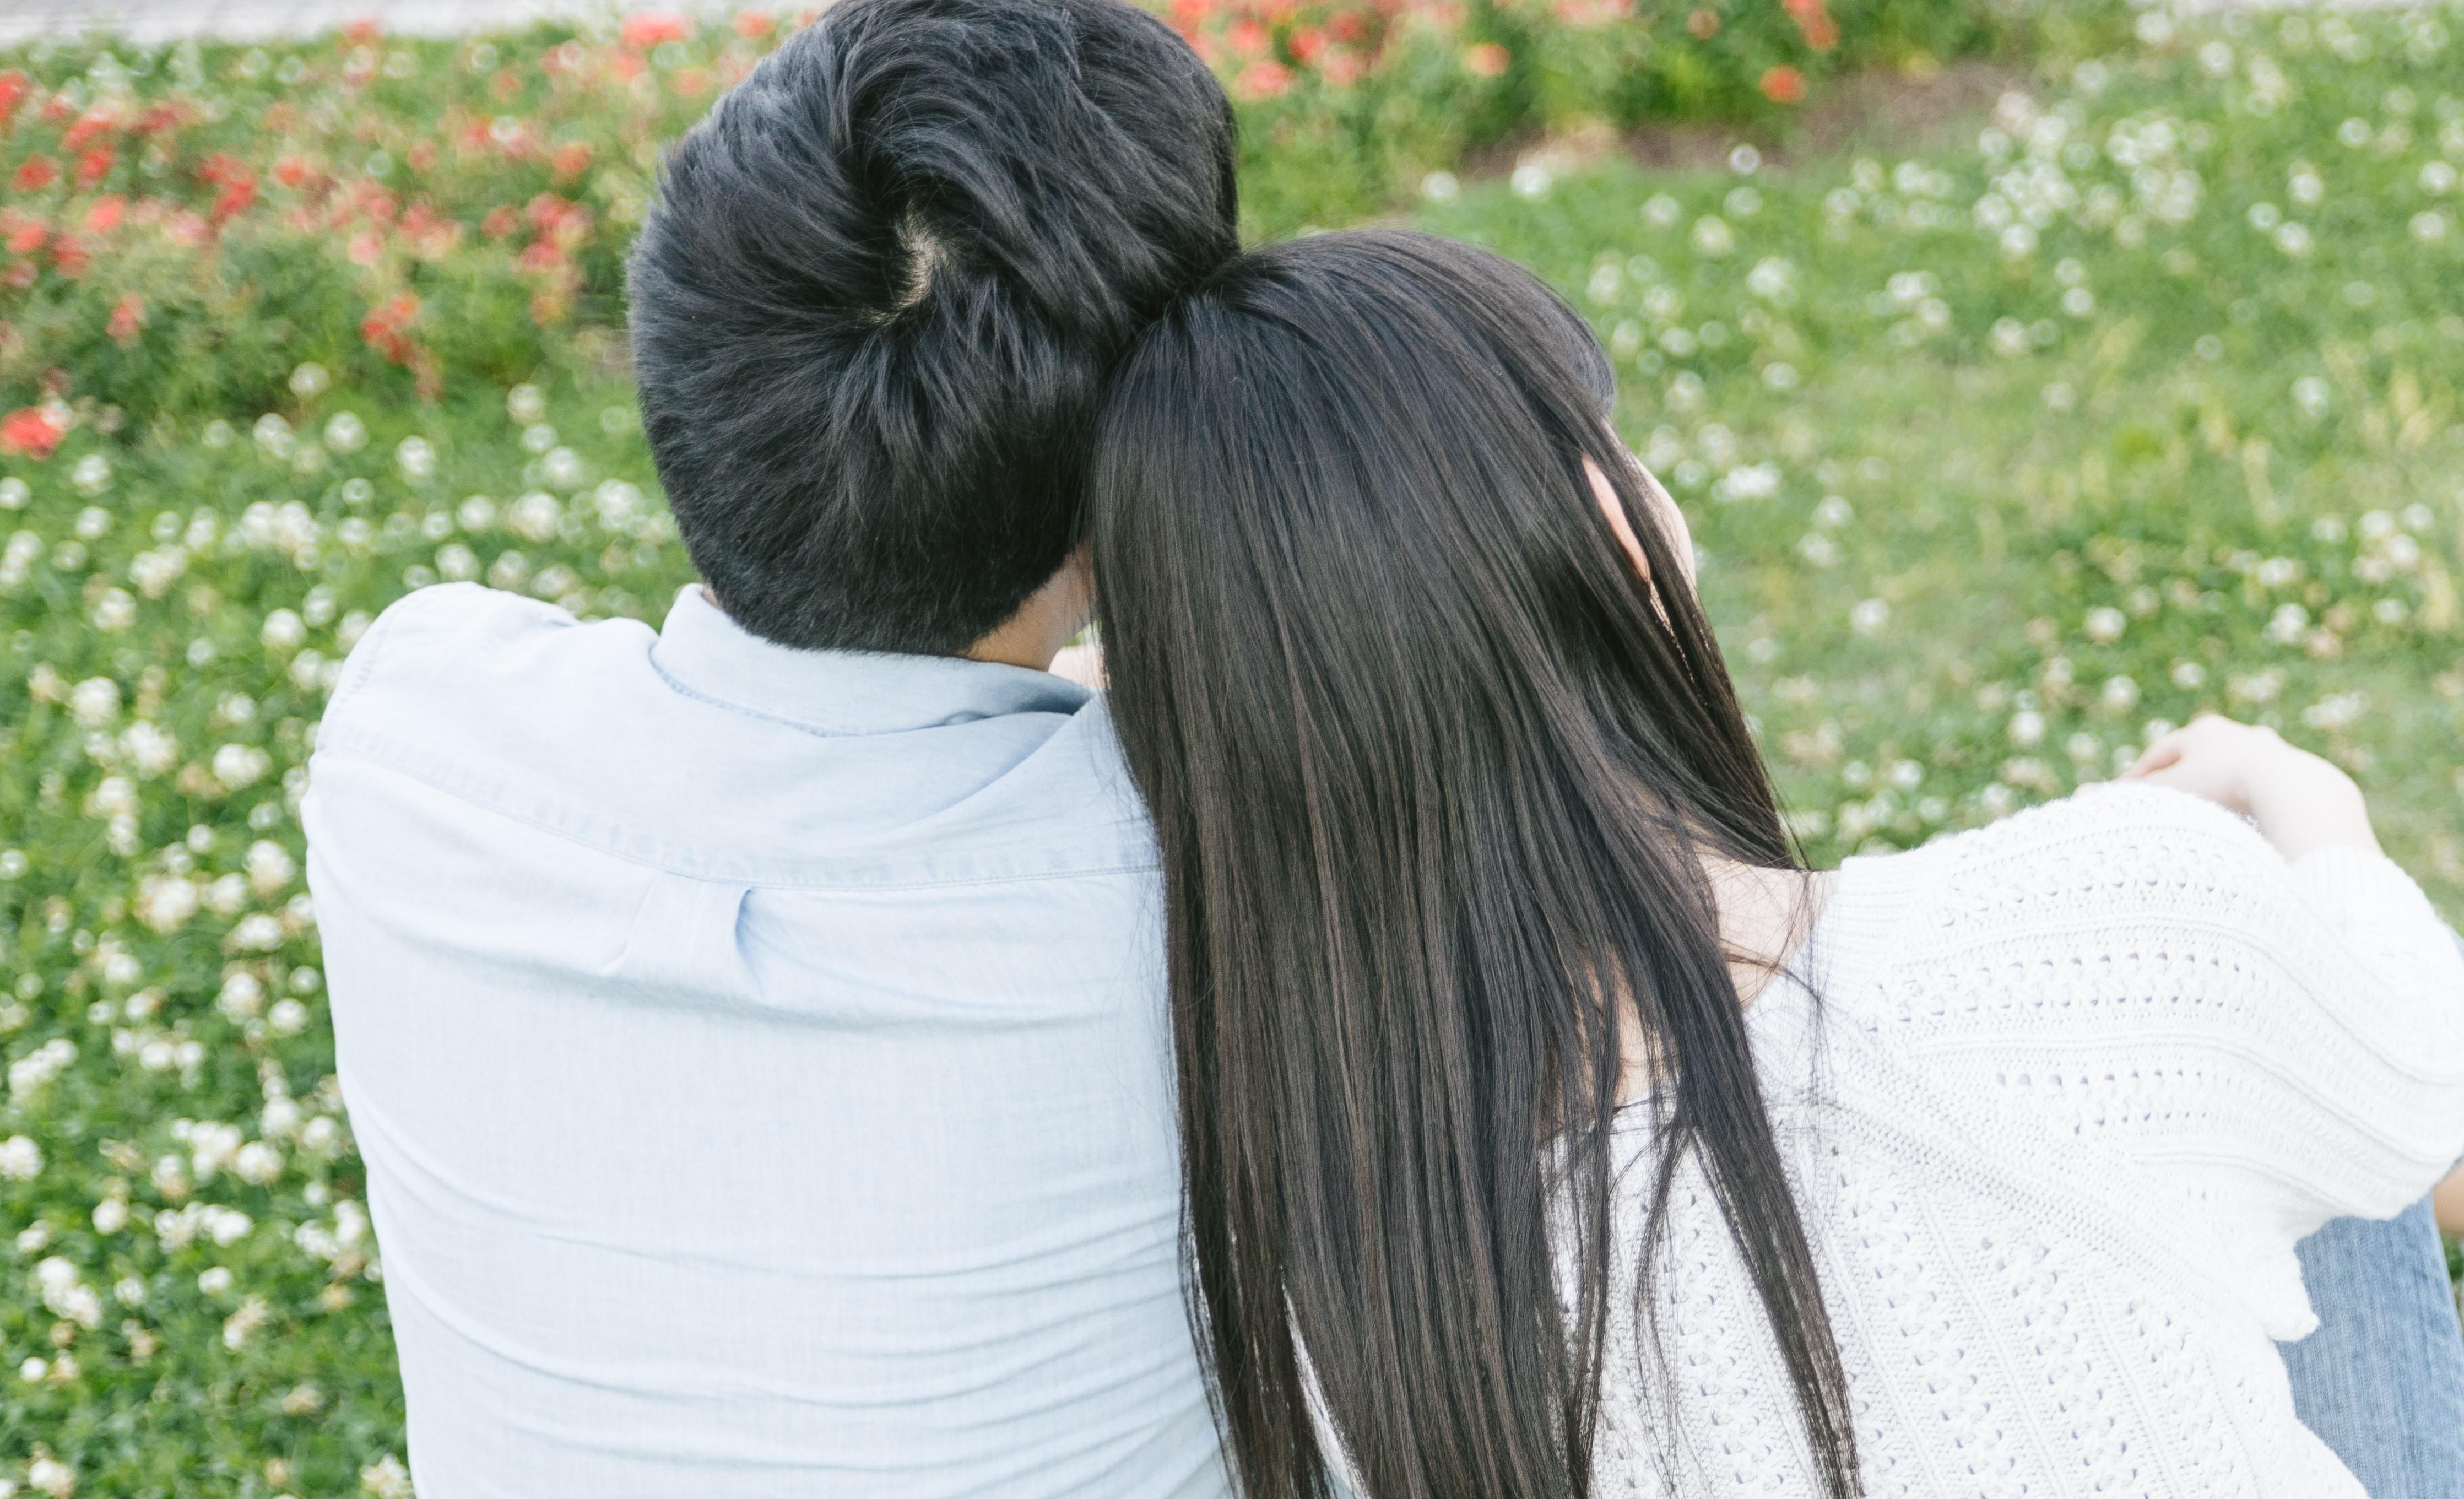 ▲戀人,情侶,愛人。(圖/取自免費圖庫Pakutaso)